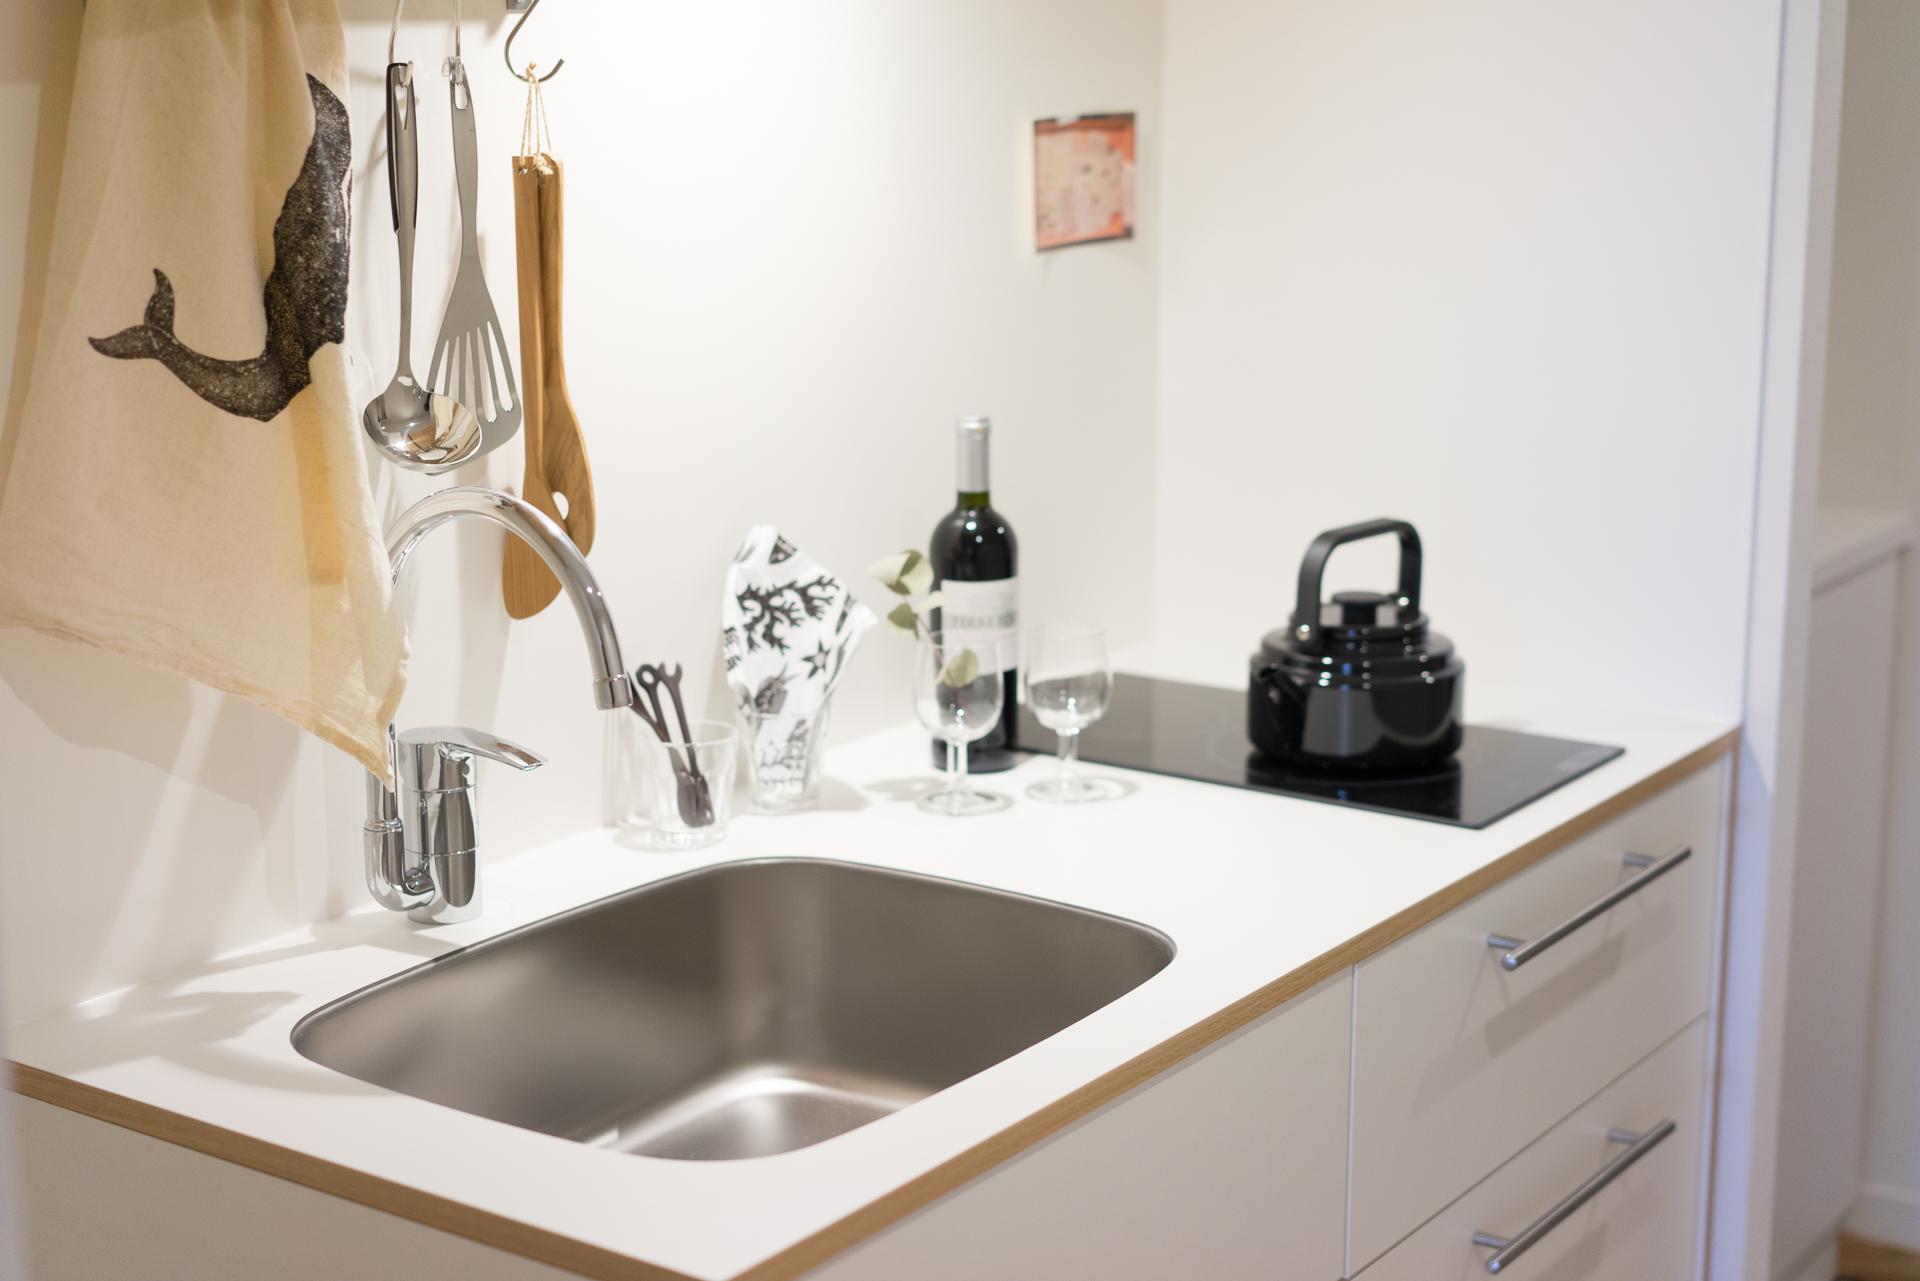 キッチン周りもシンプル、かつ機能的に。